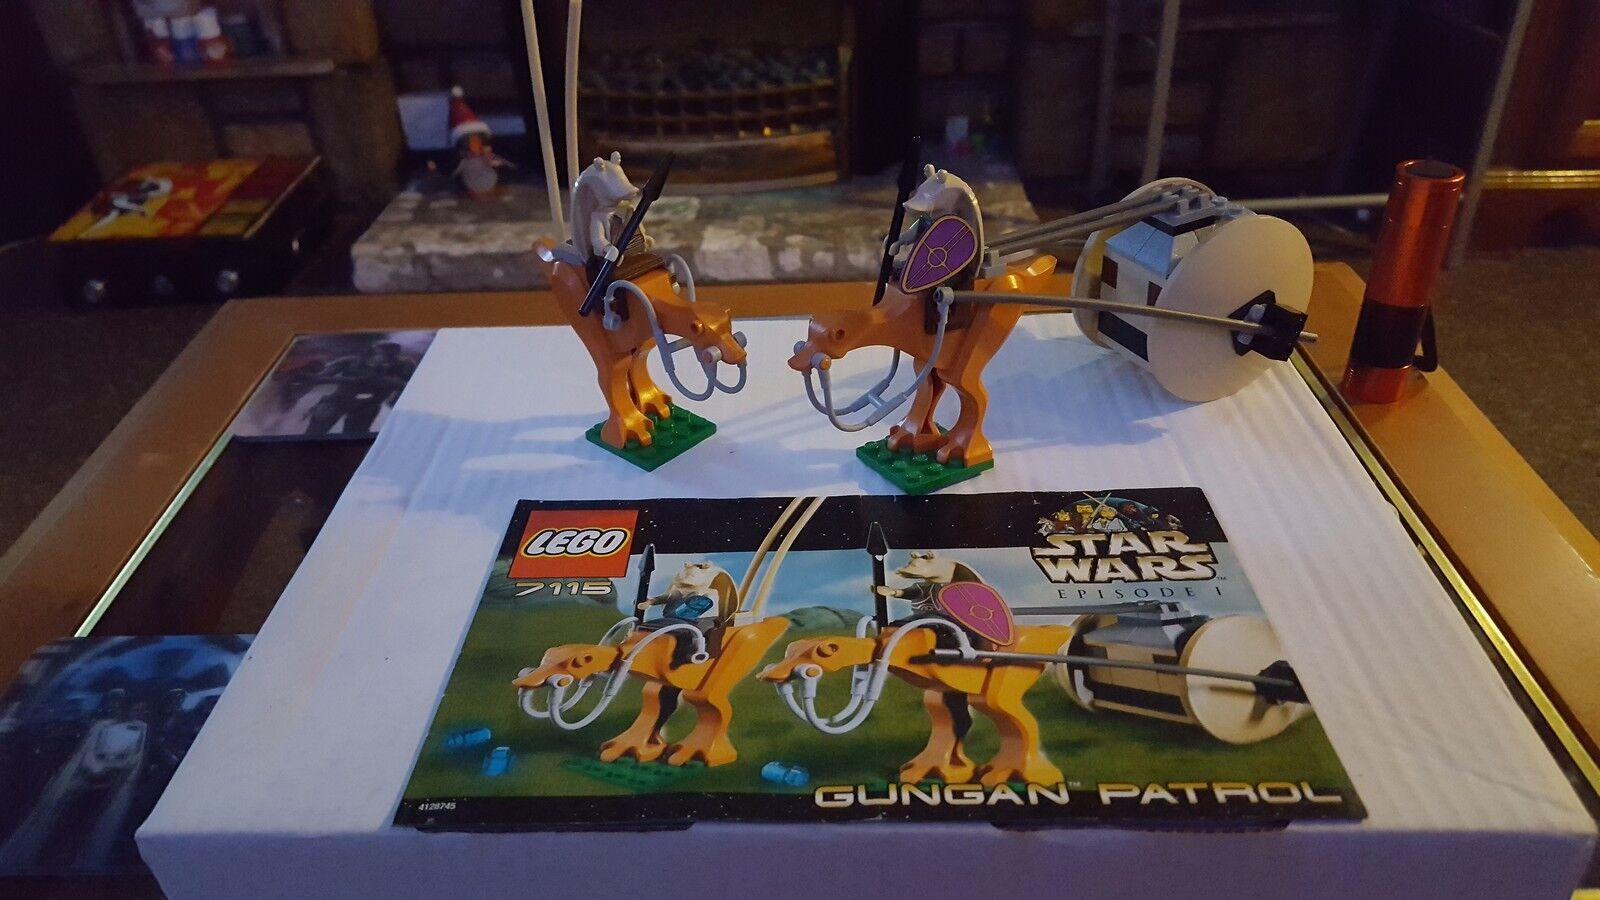 Lego        star wars  7115